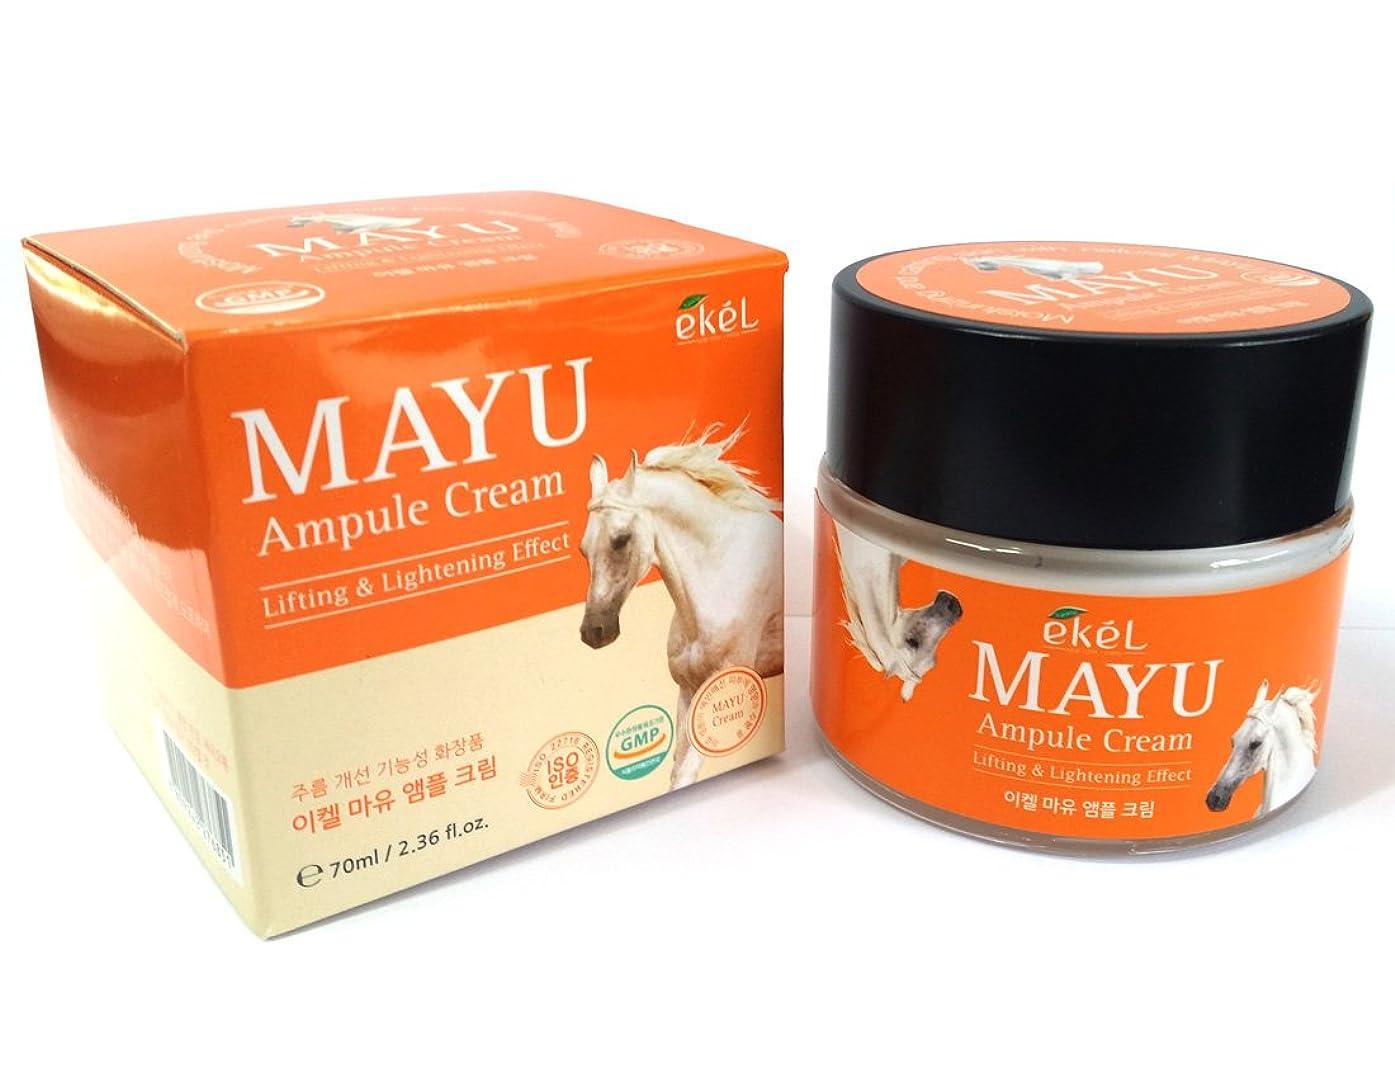 ソフトウェア包帯作り[EKEL] ホースオイルMAYUアンプルクリーム70ml / Horse Oil MAYU Ampule Cream 70ml / リフティング&ライトニングエフェクト / しわ防止 / Lifting & Lightening Effect / Anti-wrinkle / 韓国化粧品 / Korean Cosmetics [並行輸入品]